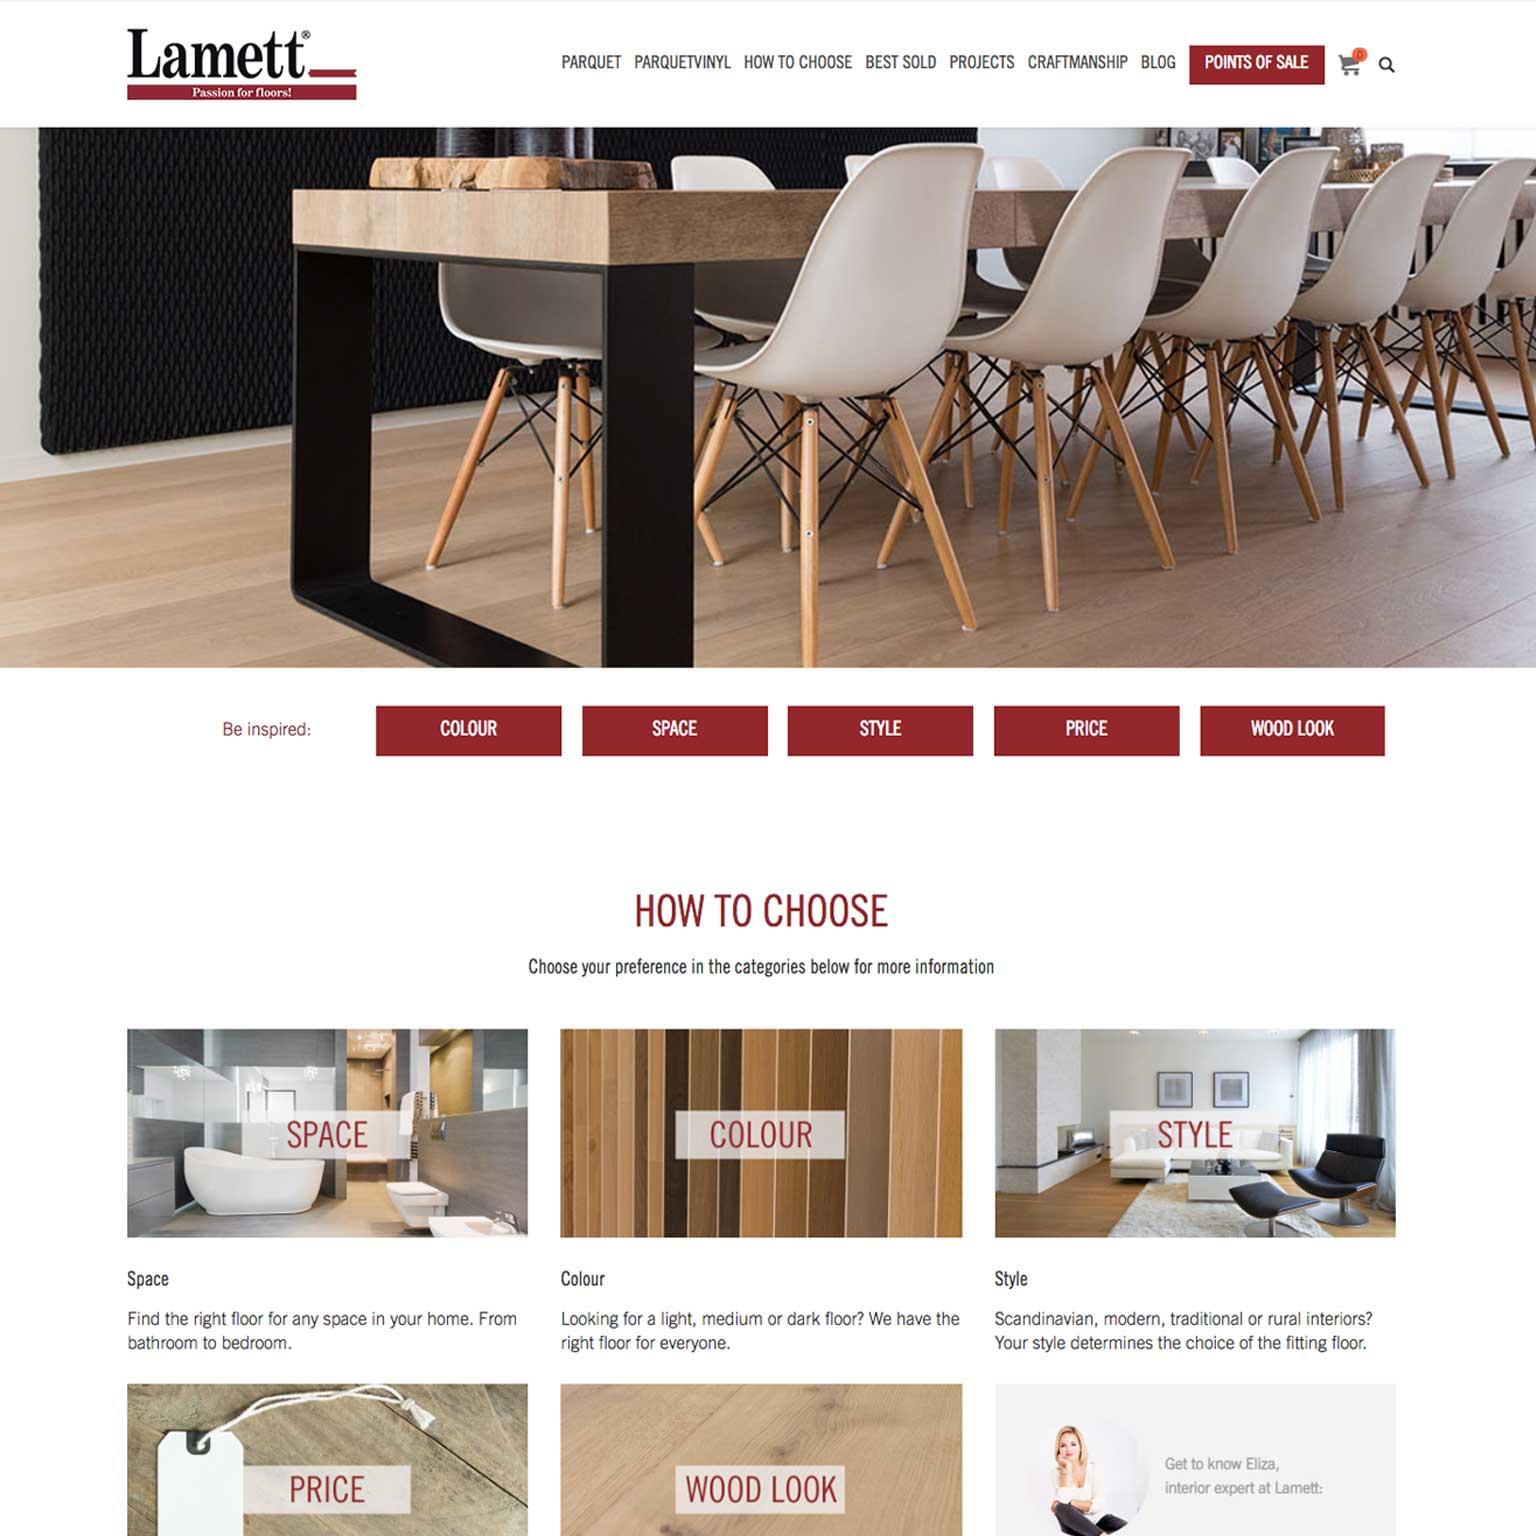 1536x1536-case-study-lamett-web-page